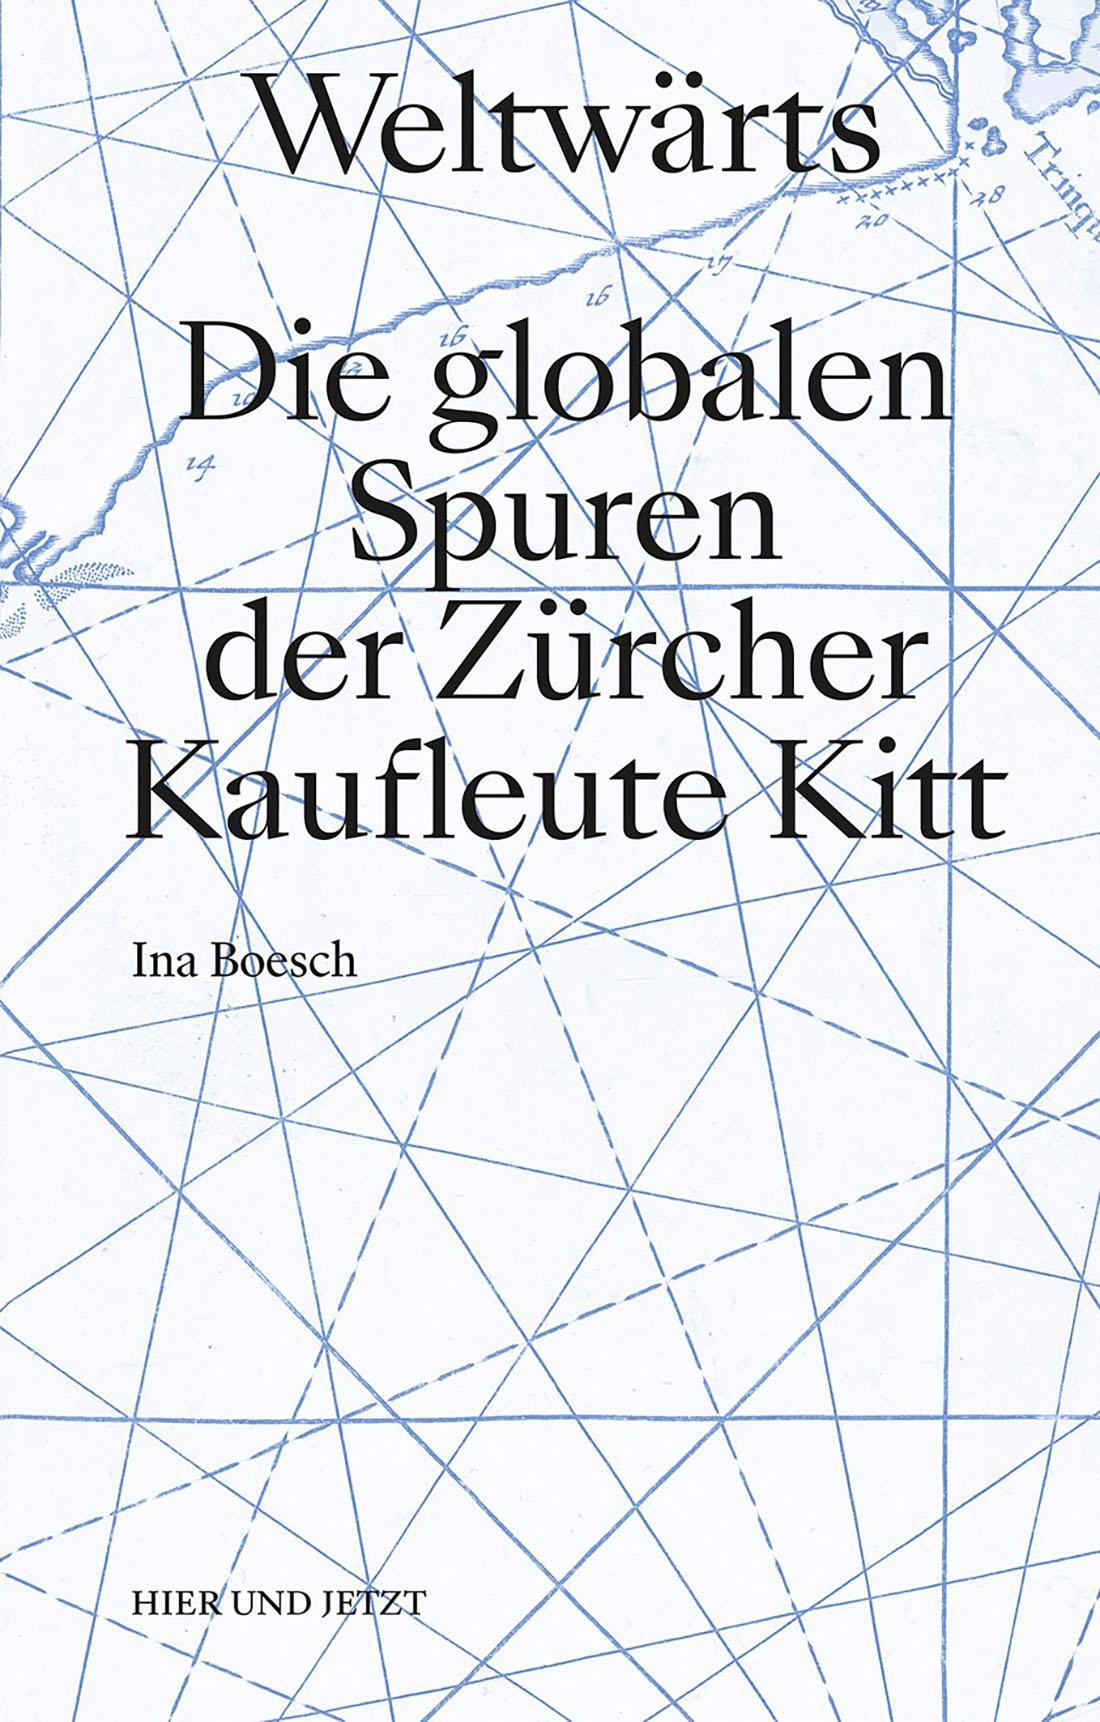 «Weltwärts. Die globalen Spuren der Zürcher Kaufleute Kitt» von Ina Boesch